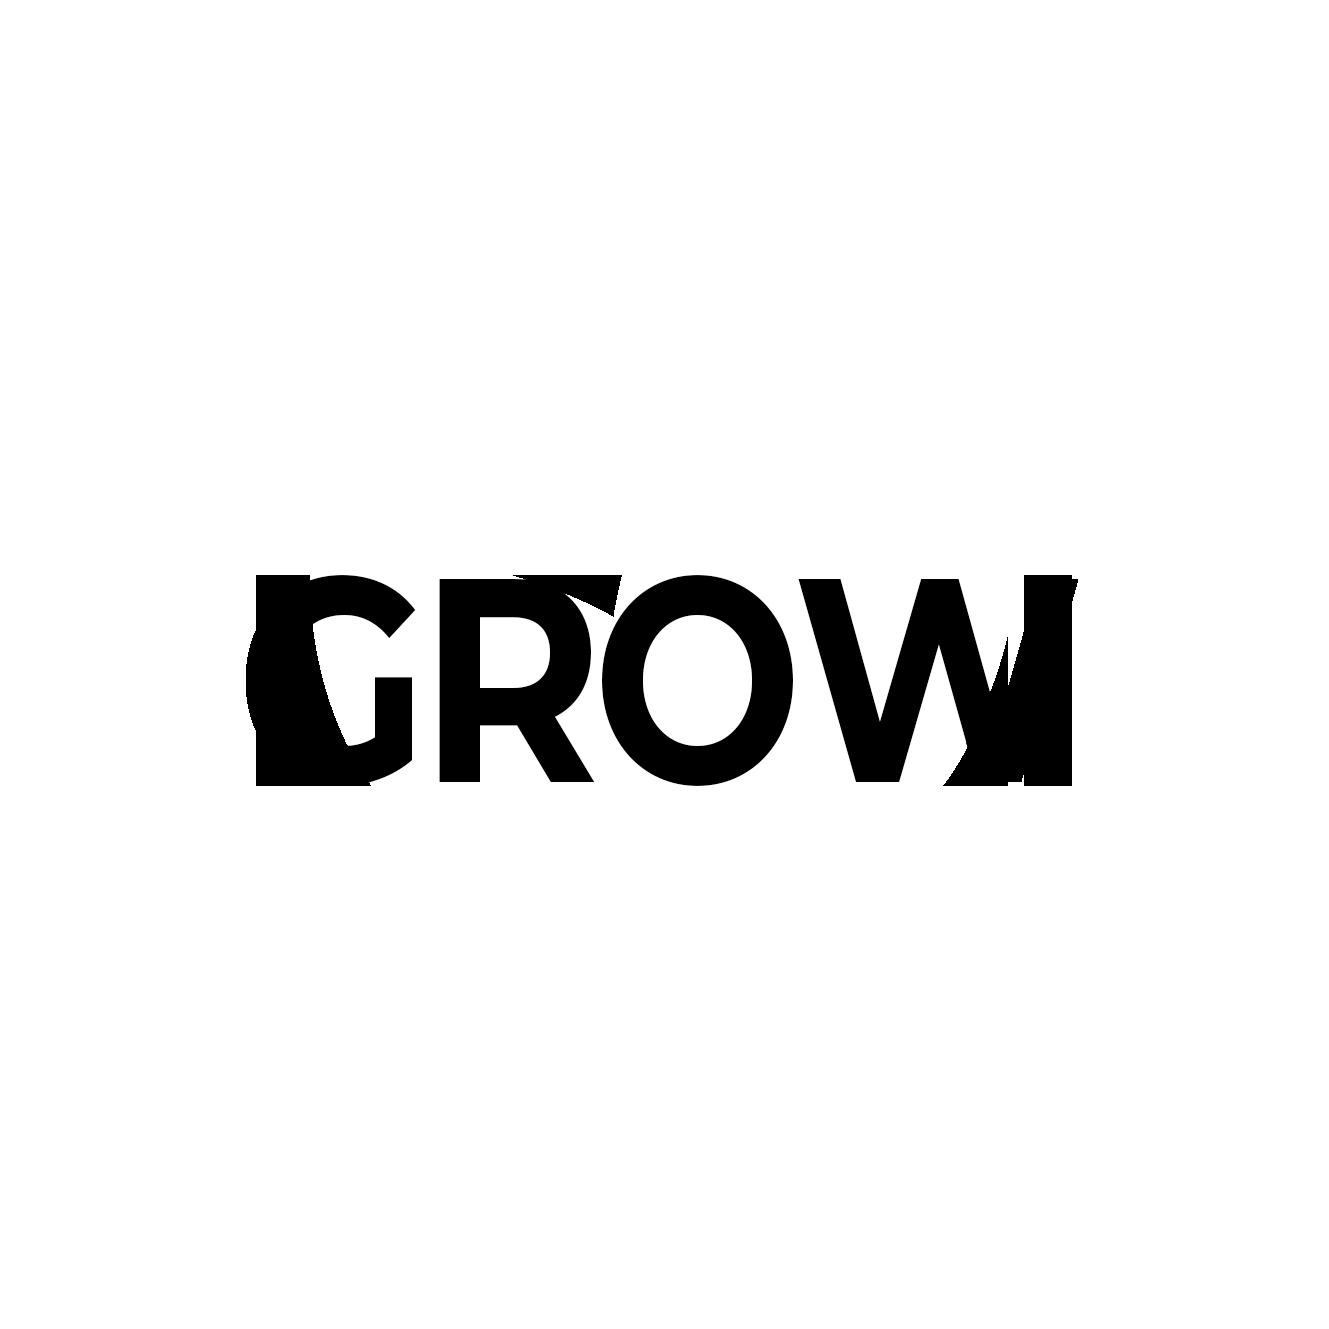 grow white word